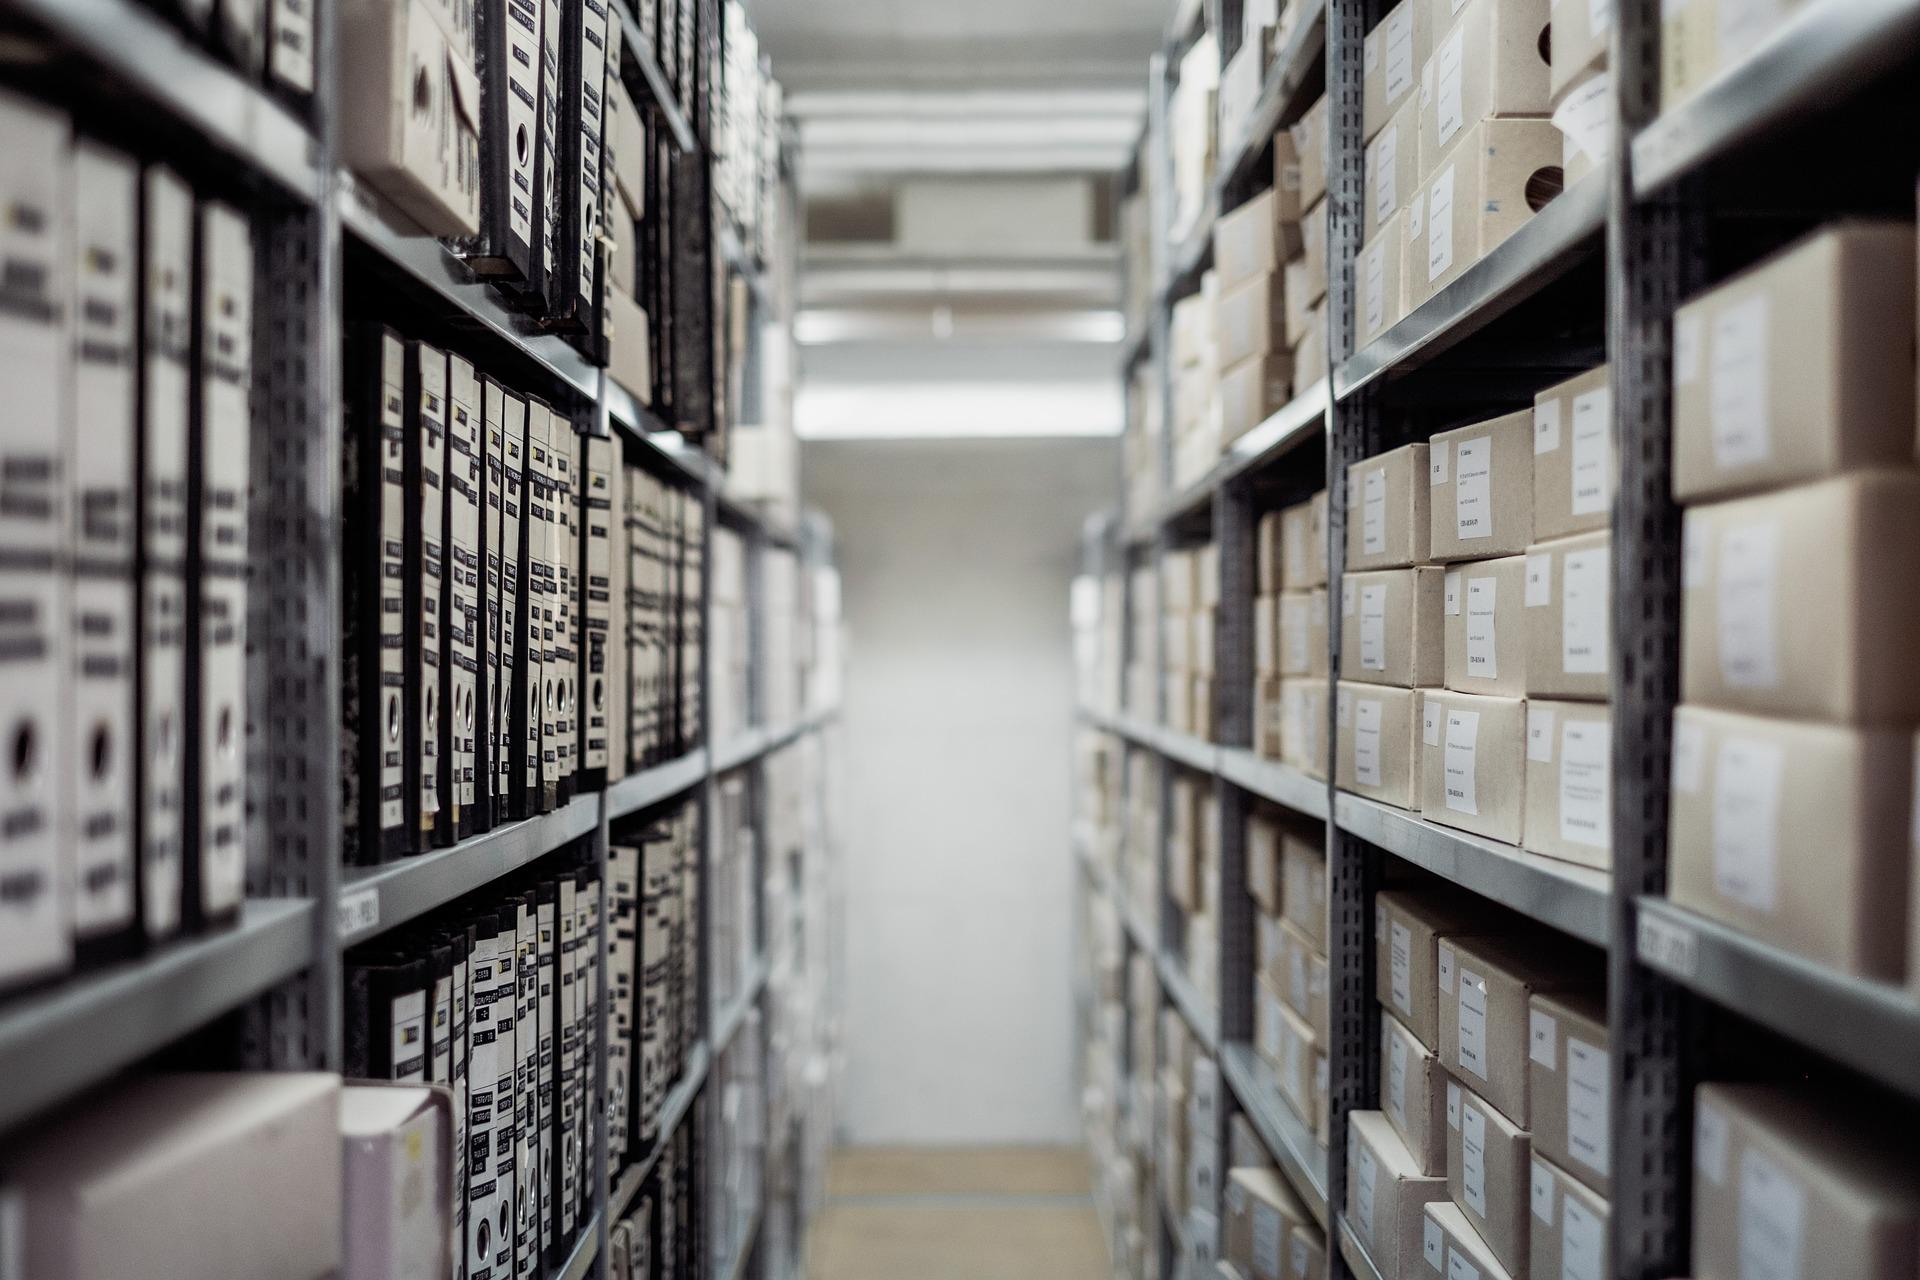 Procédure en cas d'inondation des archives